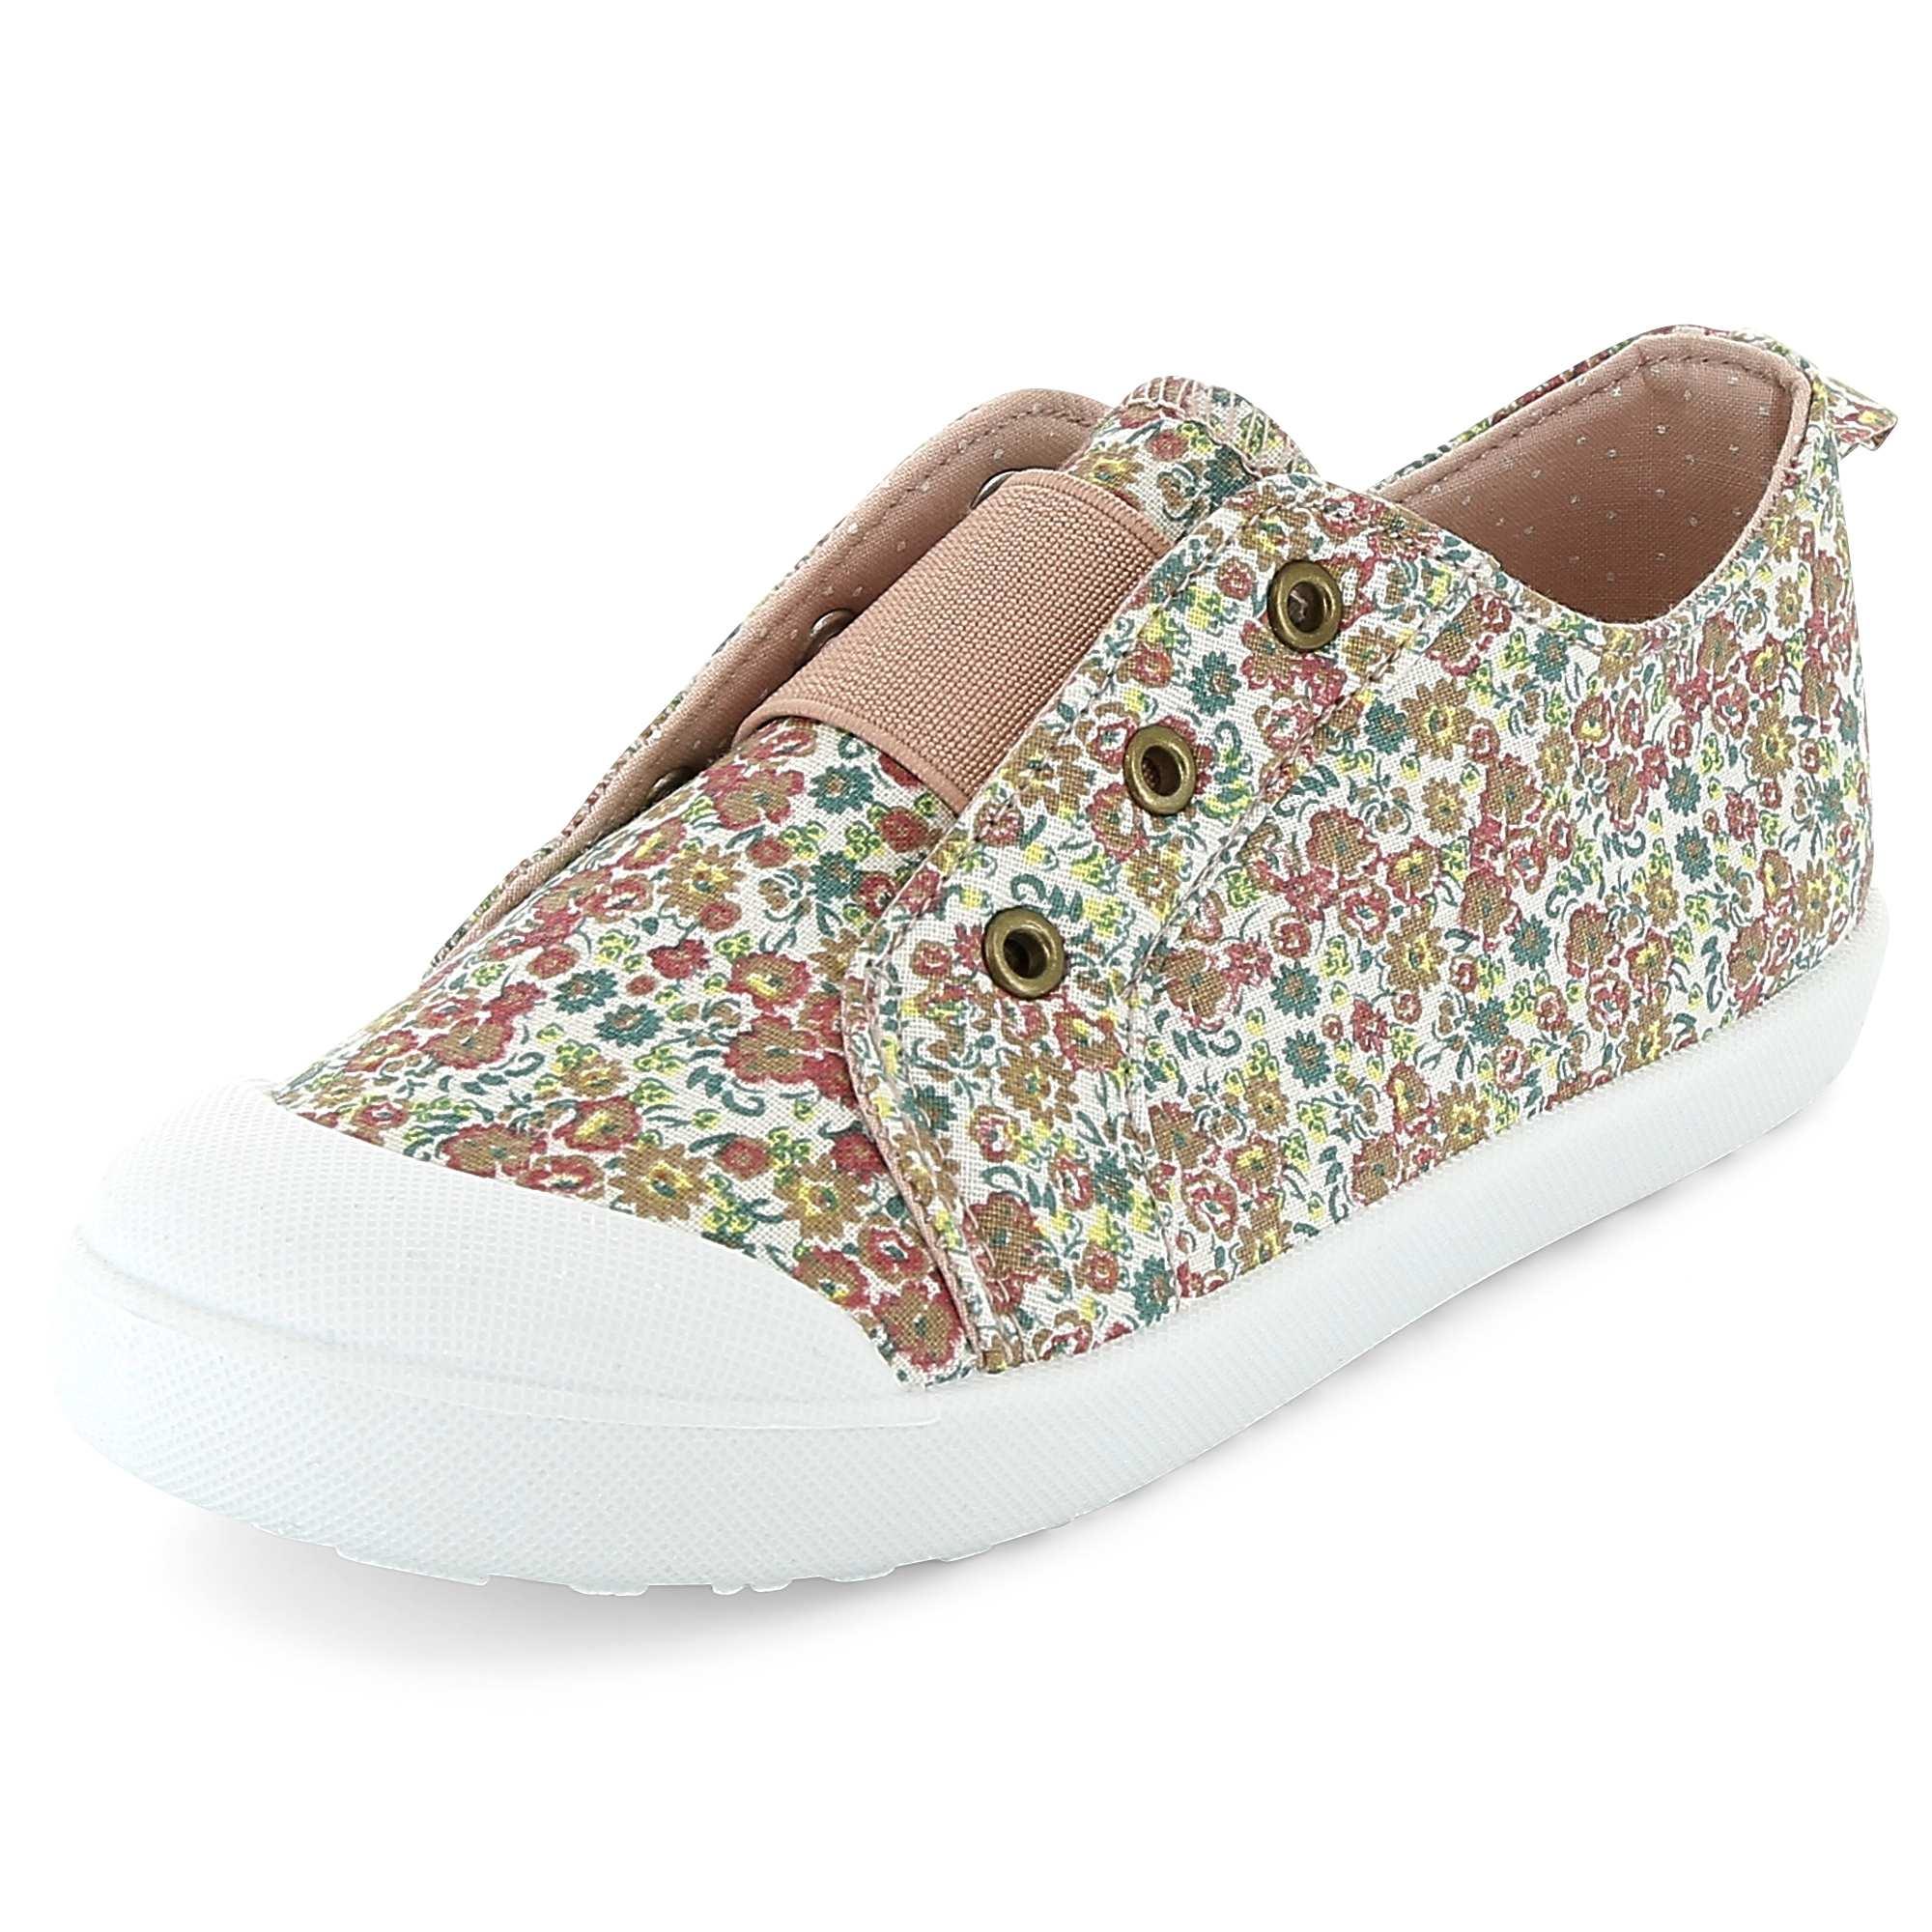 Couleur : fleurie, rose, ,, - Taille : 35, 30, 33,31,32Les chaussures de l'été par excellence ! - Baskets en toile - Bride de maintien